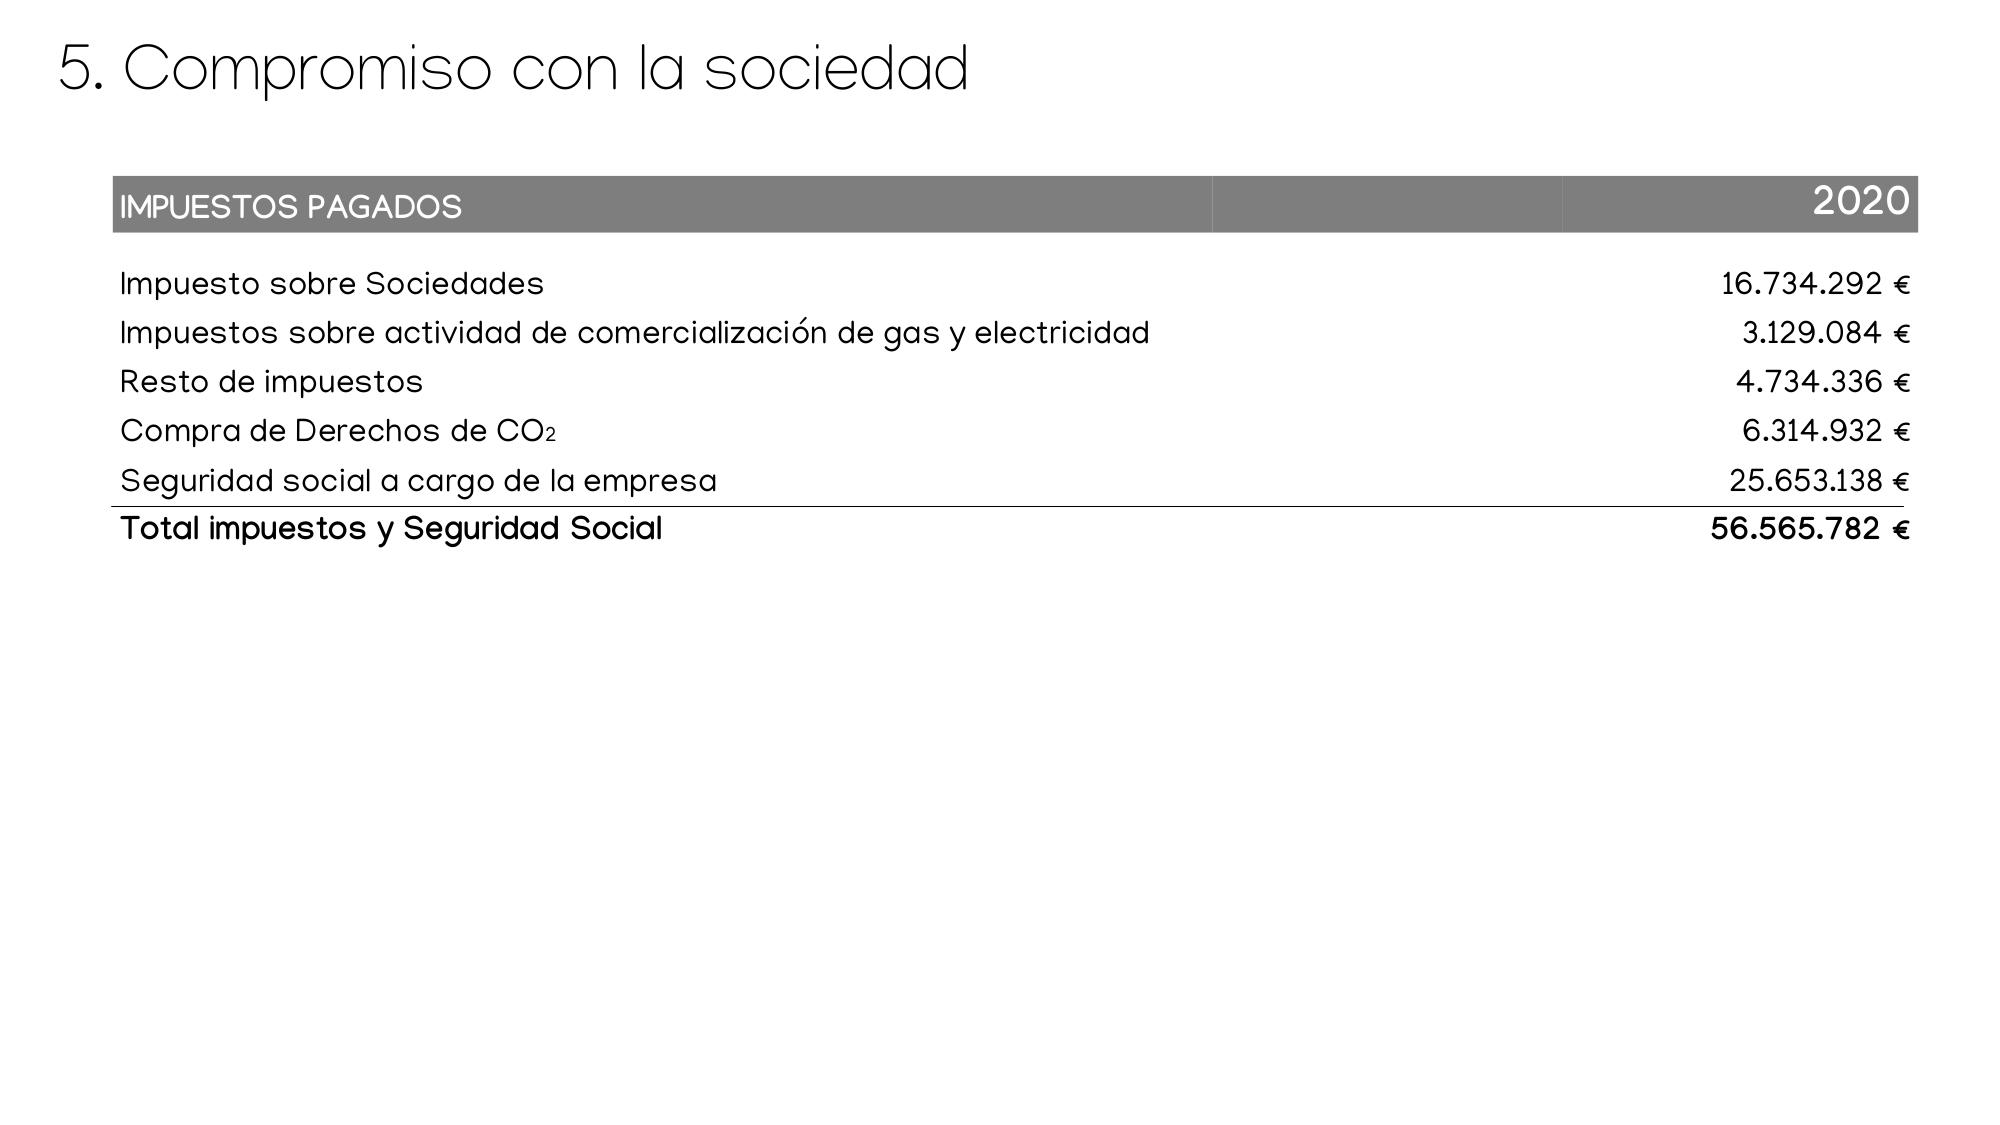 RESULTADOS_ pamesa_grupo_empresarial_page-0044